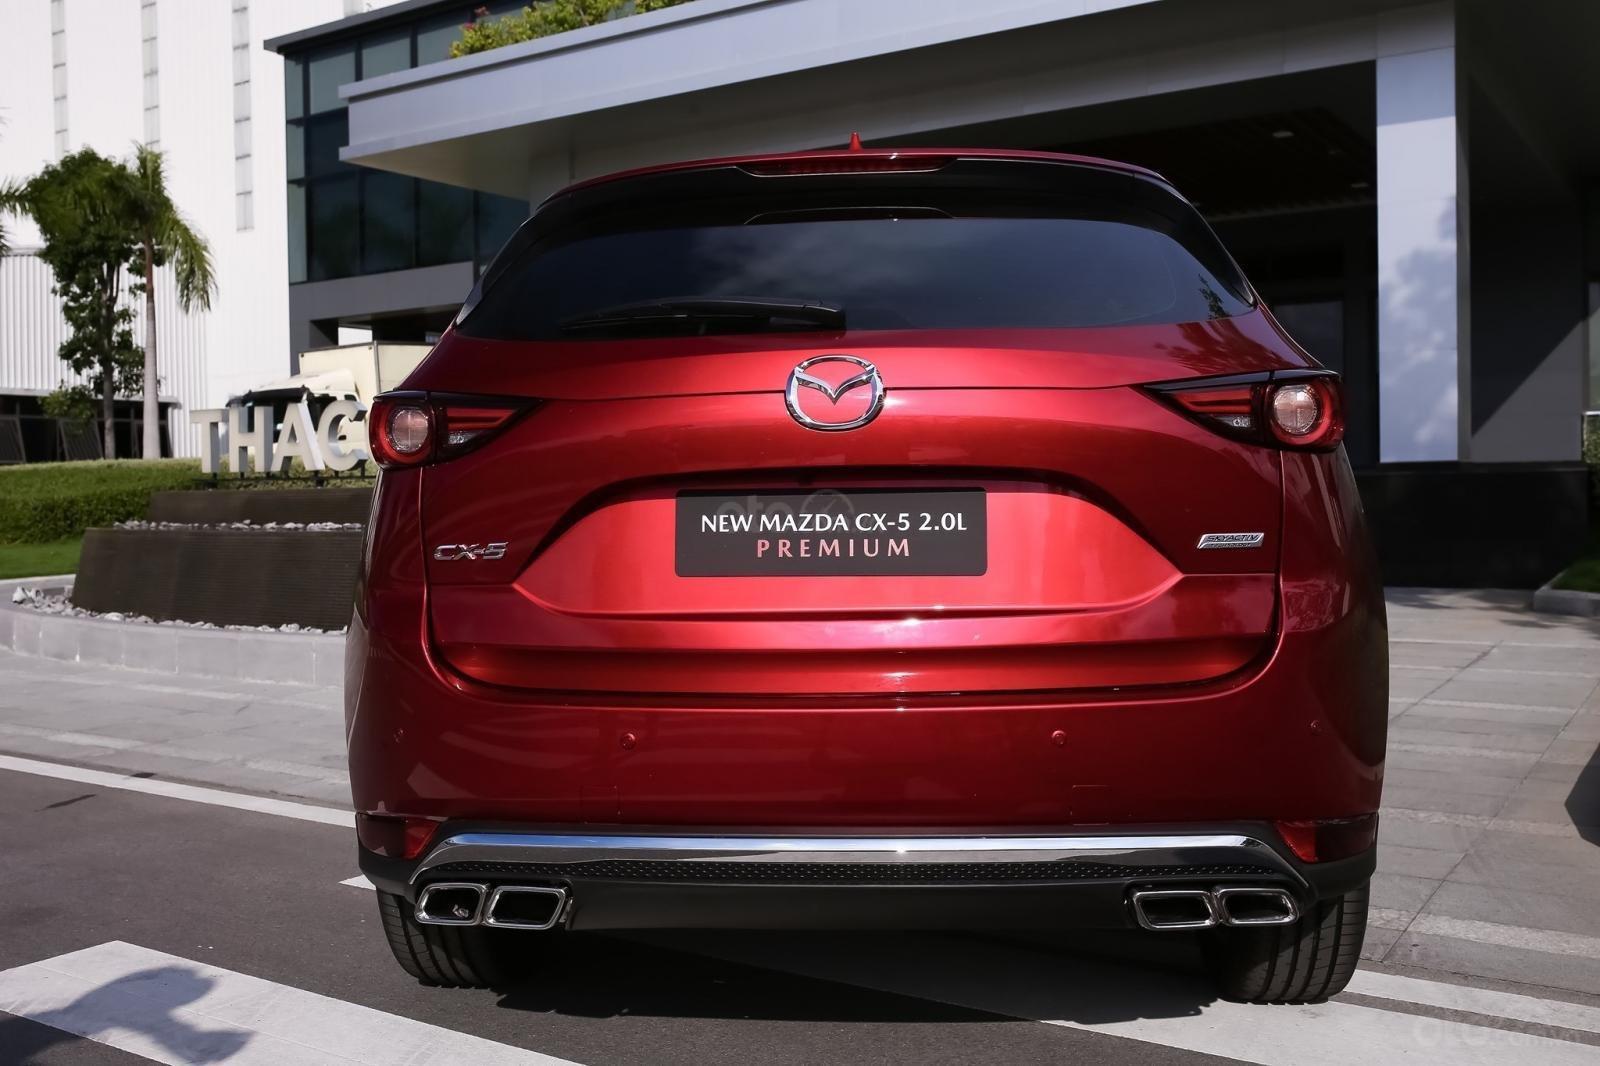 Mazda Long Biên- Giảm giá Mazda CX5 IPM thế hệ 6.5 lên đến 80 triệu, hỗ trợ trả góp lãi suất 0% (7)